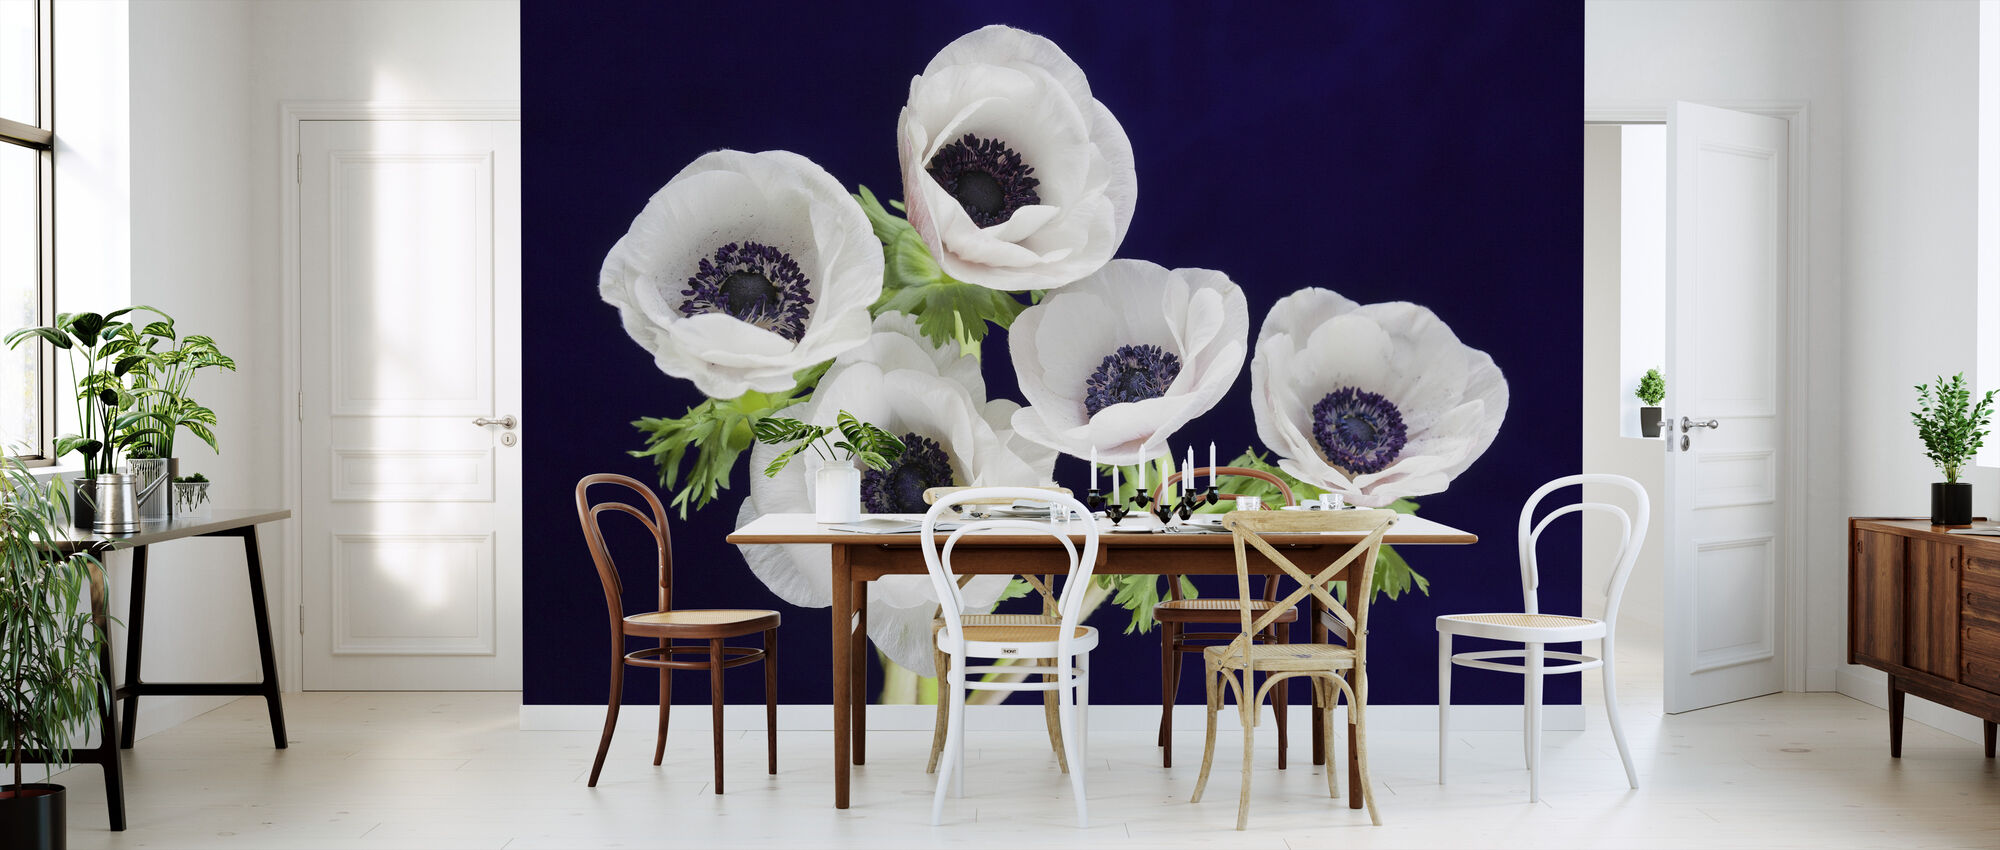 Flower Blooms - Wallpaper - Kitchen